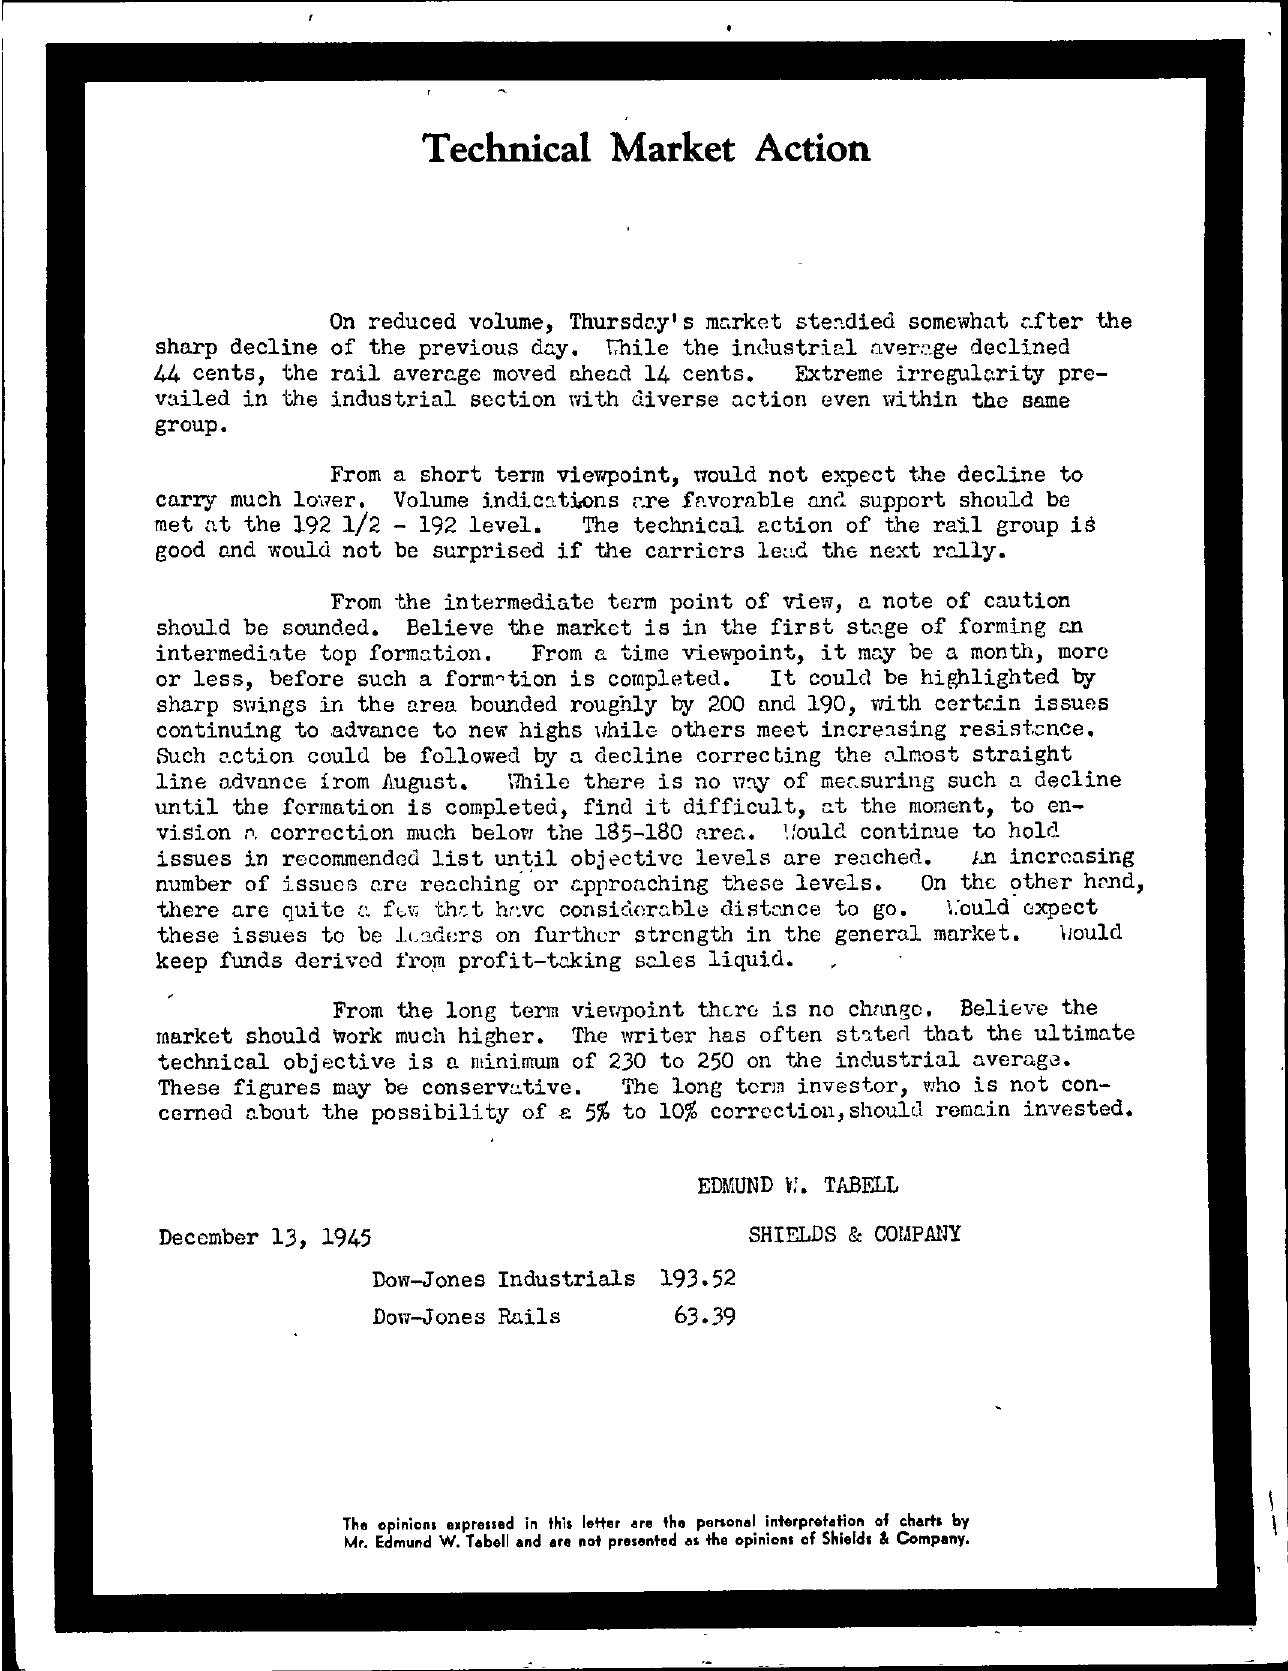 Tabell's Market Letter - December 13, 1945